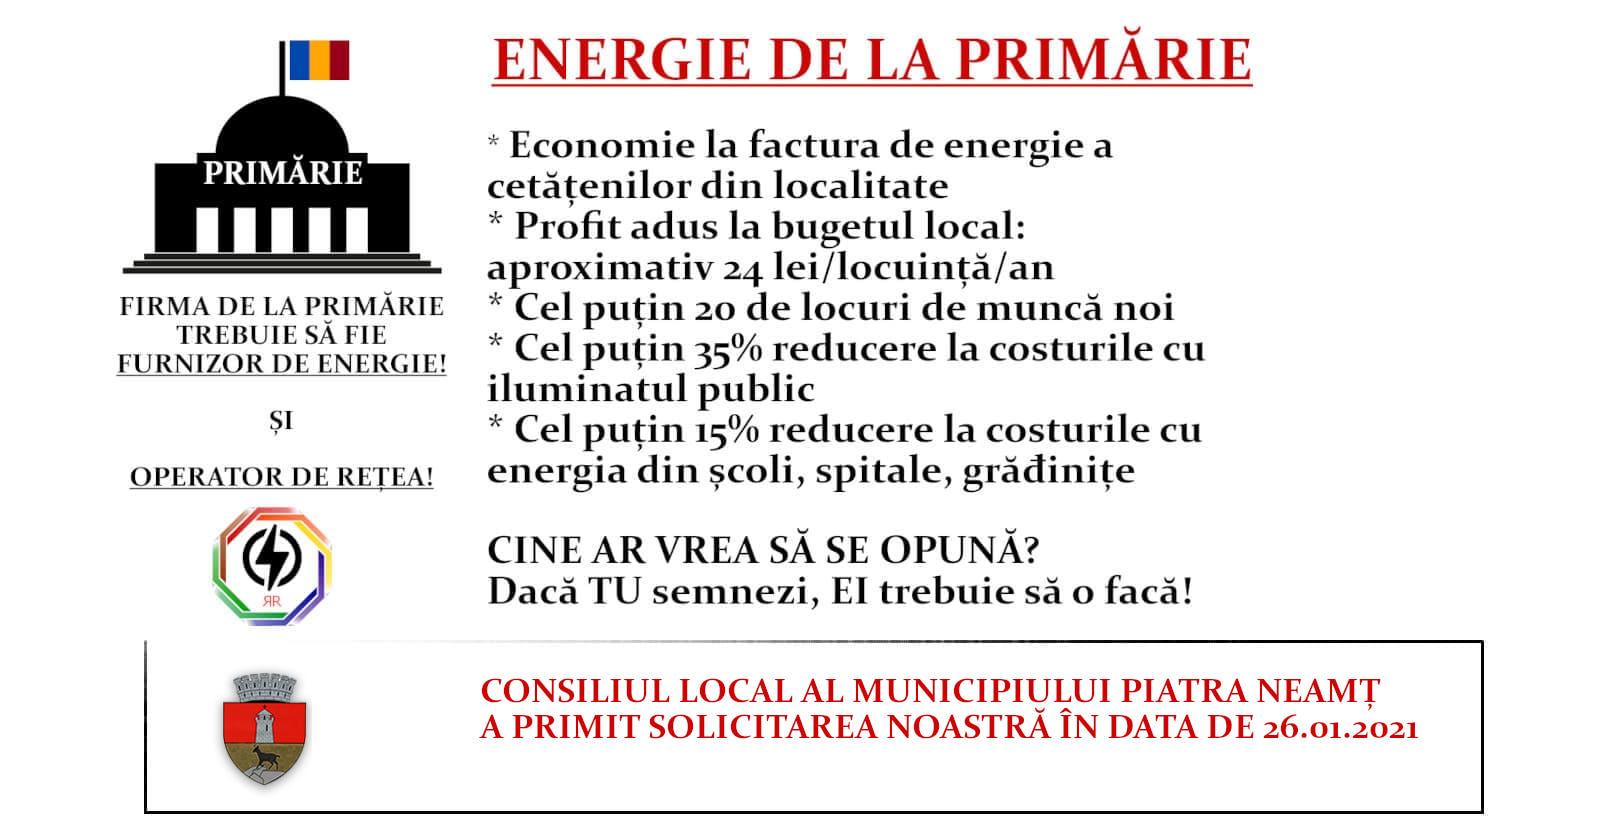 Solicitarea adresată Consiliului Local Piatra Neamț